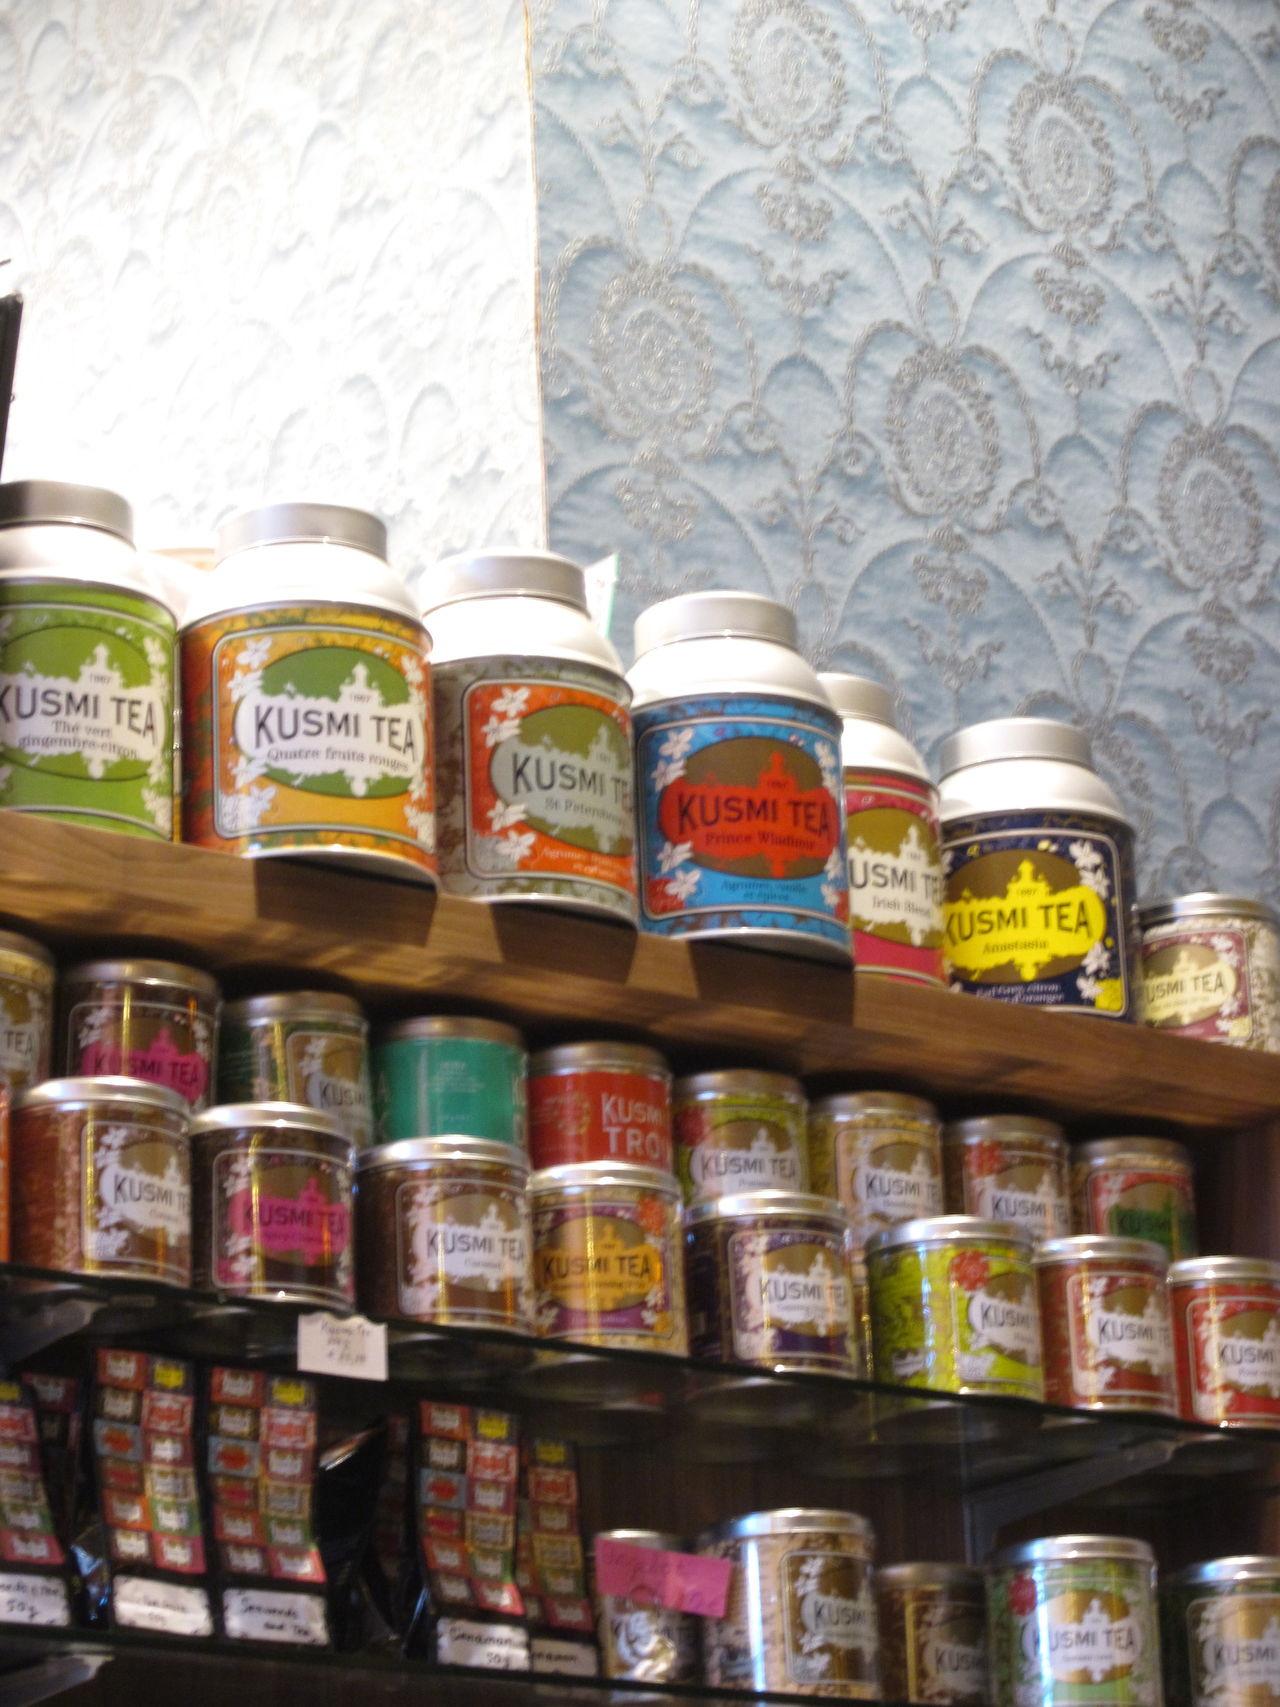 Kusmi tea Food And Drink Indoors  Kusmi Tea Large Group Of Objects No People Tea Tee Teeregal